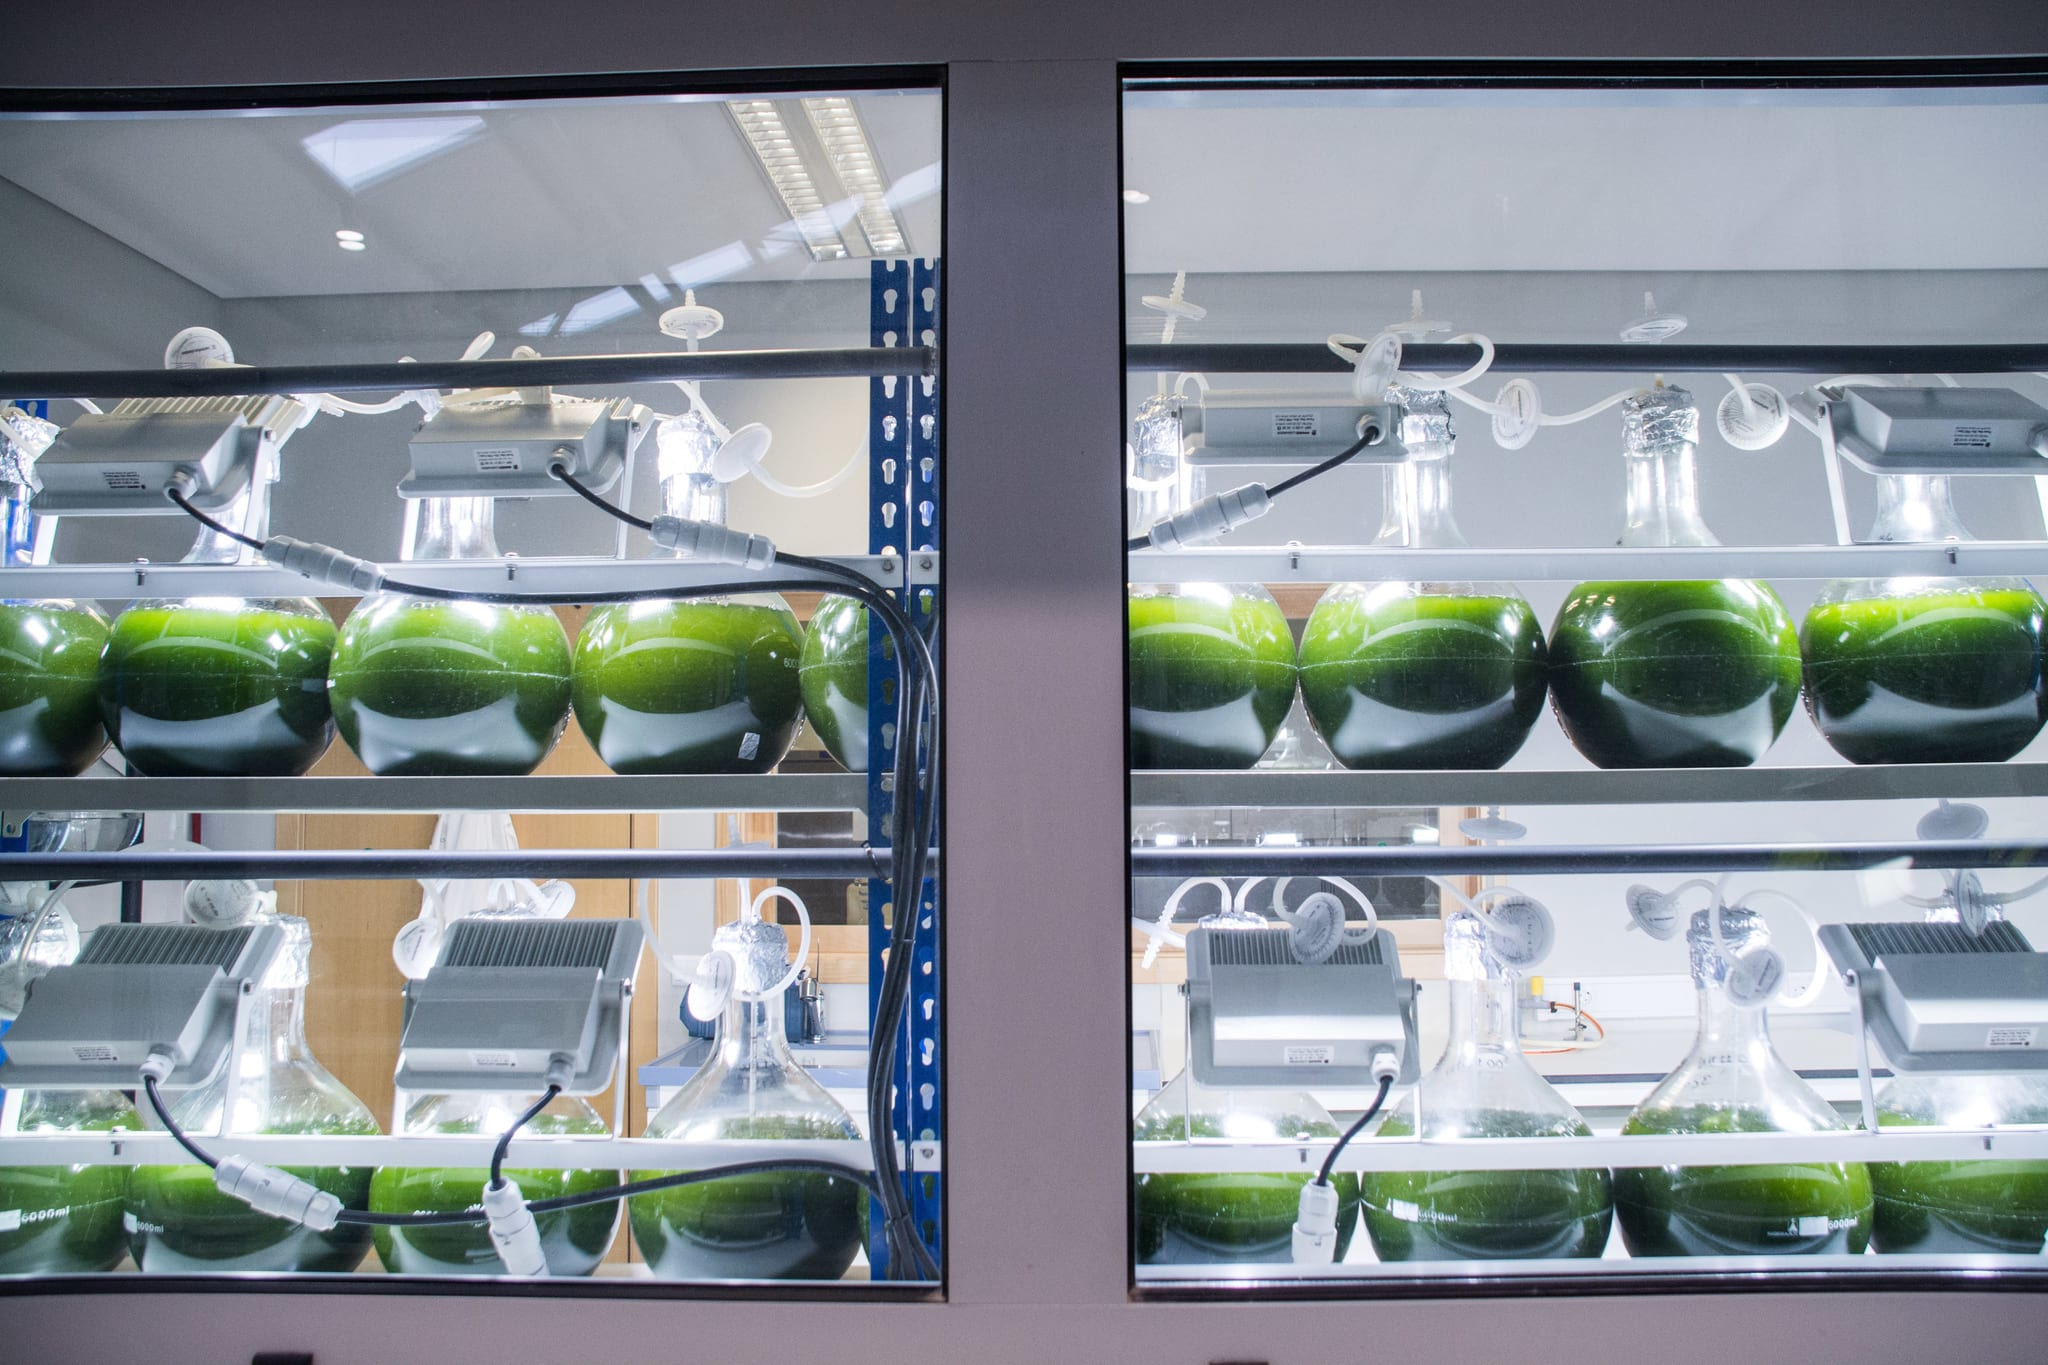 PÚBLICO | O que leva uma cimenteira a produzir microalgas?